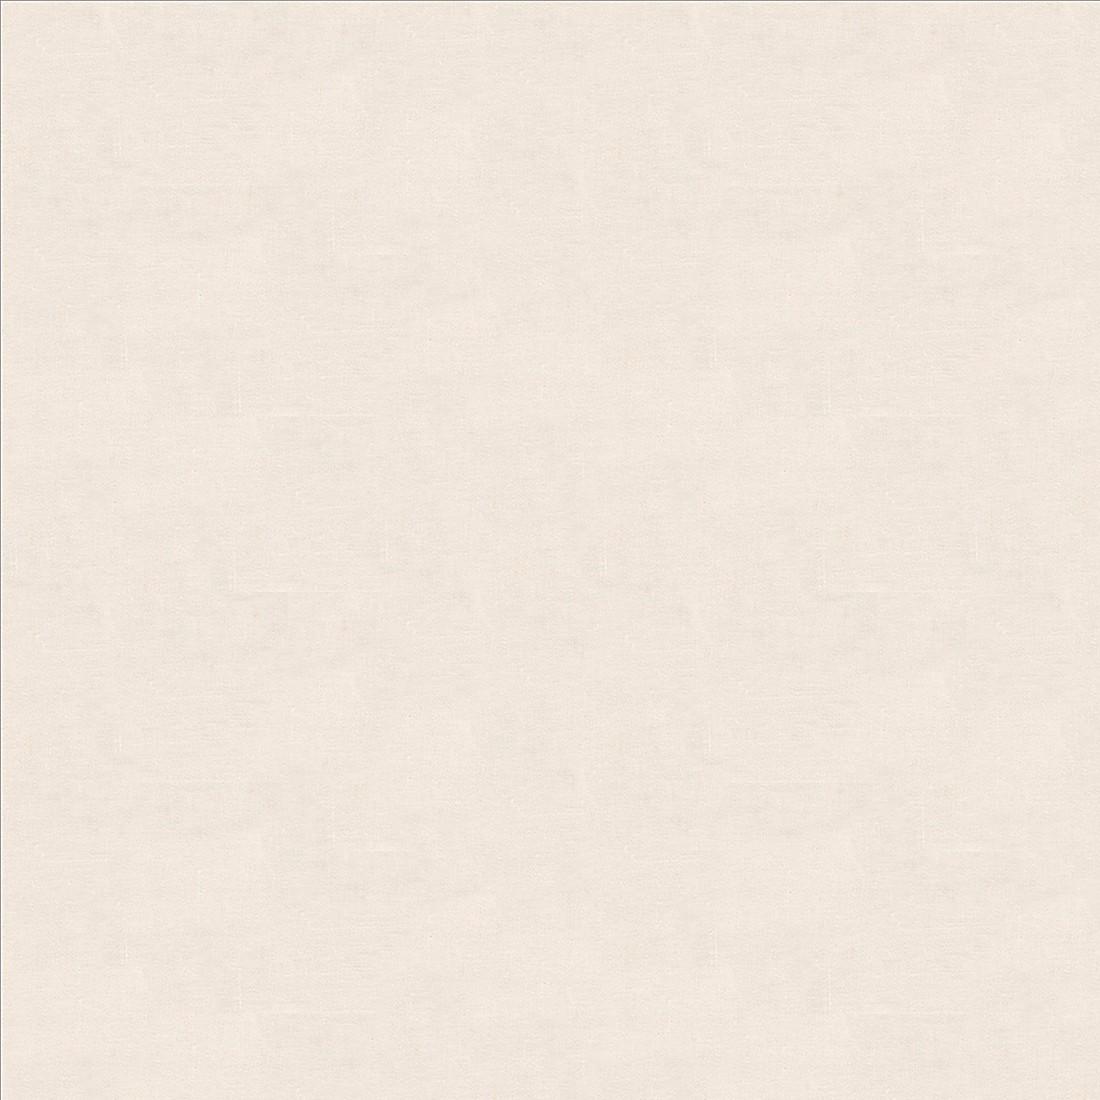 Serviette Classic (2er-Set) – Sahne, Villeroy&Boch kaufen